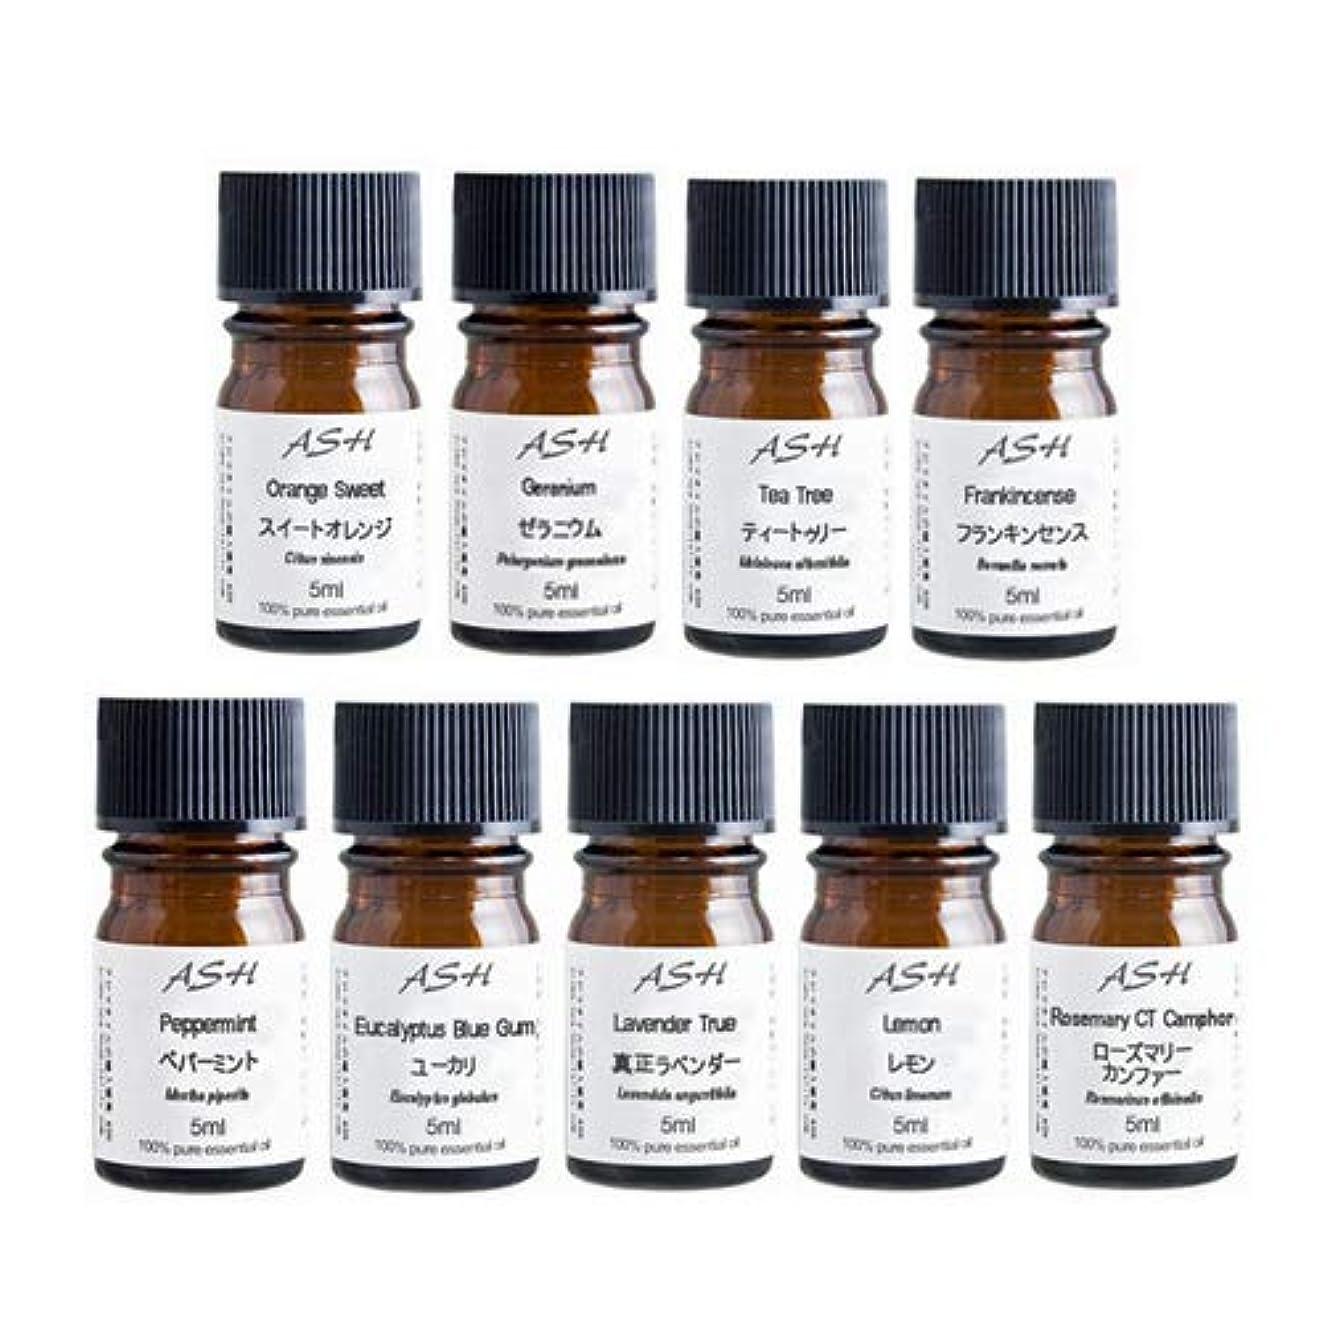 公式フォーム気怠いASH アロマ検定 2級 対応 セット 5mlx9本(スイートオレンジ、ゼラニウム、ティートゥリー、フラン キンセンス、ペパーミント、ユーカリ、ラベンダー、レモン、ローズマリー)AEAJ表示基準適合認定精油